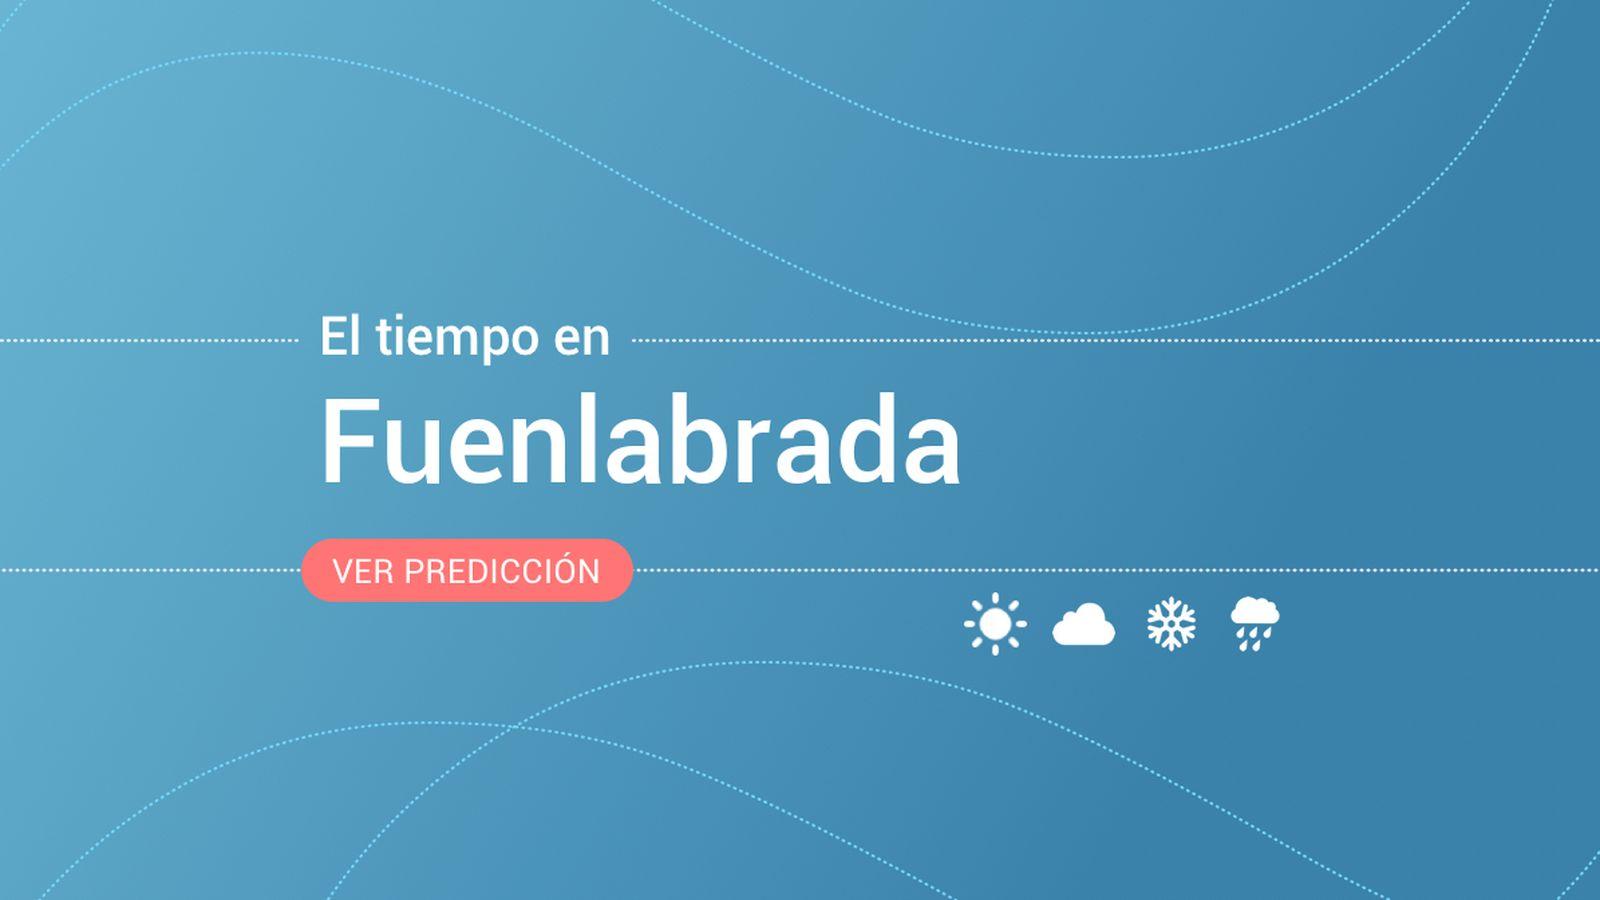 Foto: El tiempo en Fuenlabrada. (EC)